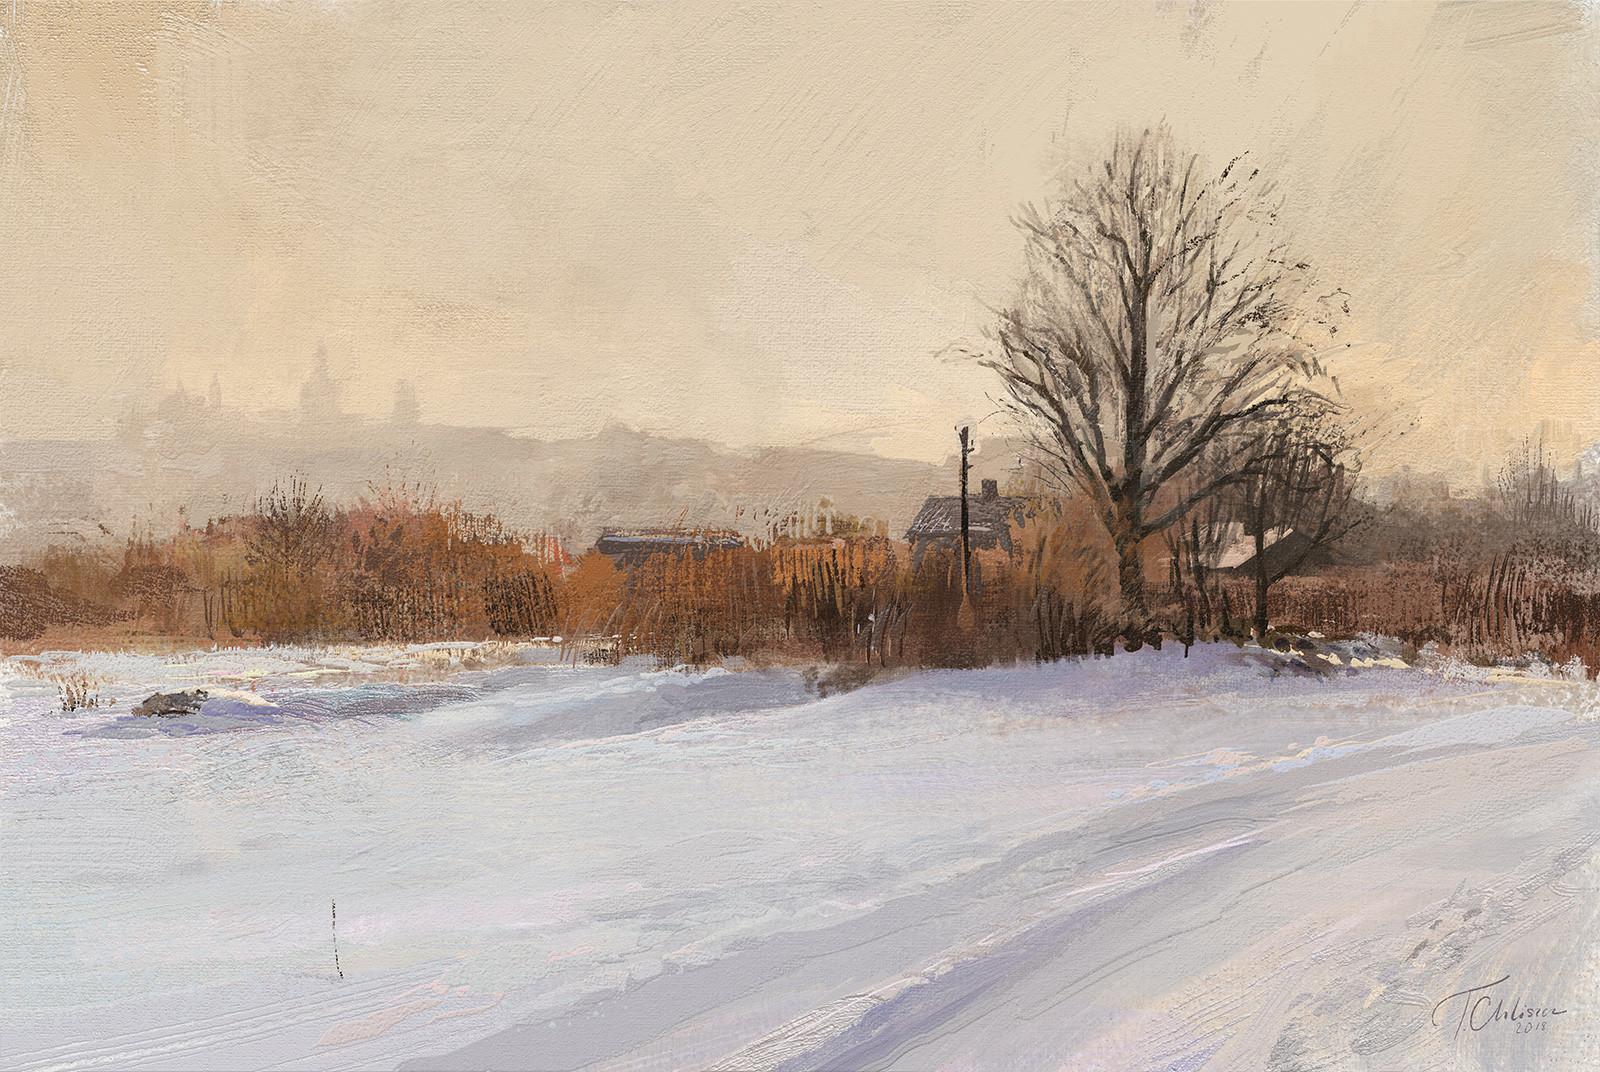 Tymoteusz chliszcz landscape74 by chliszcz